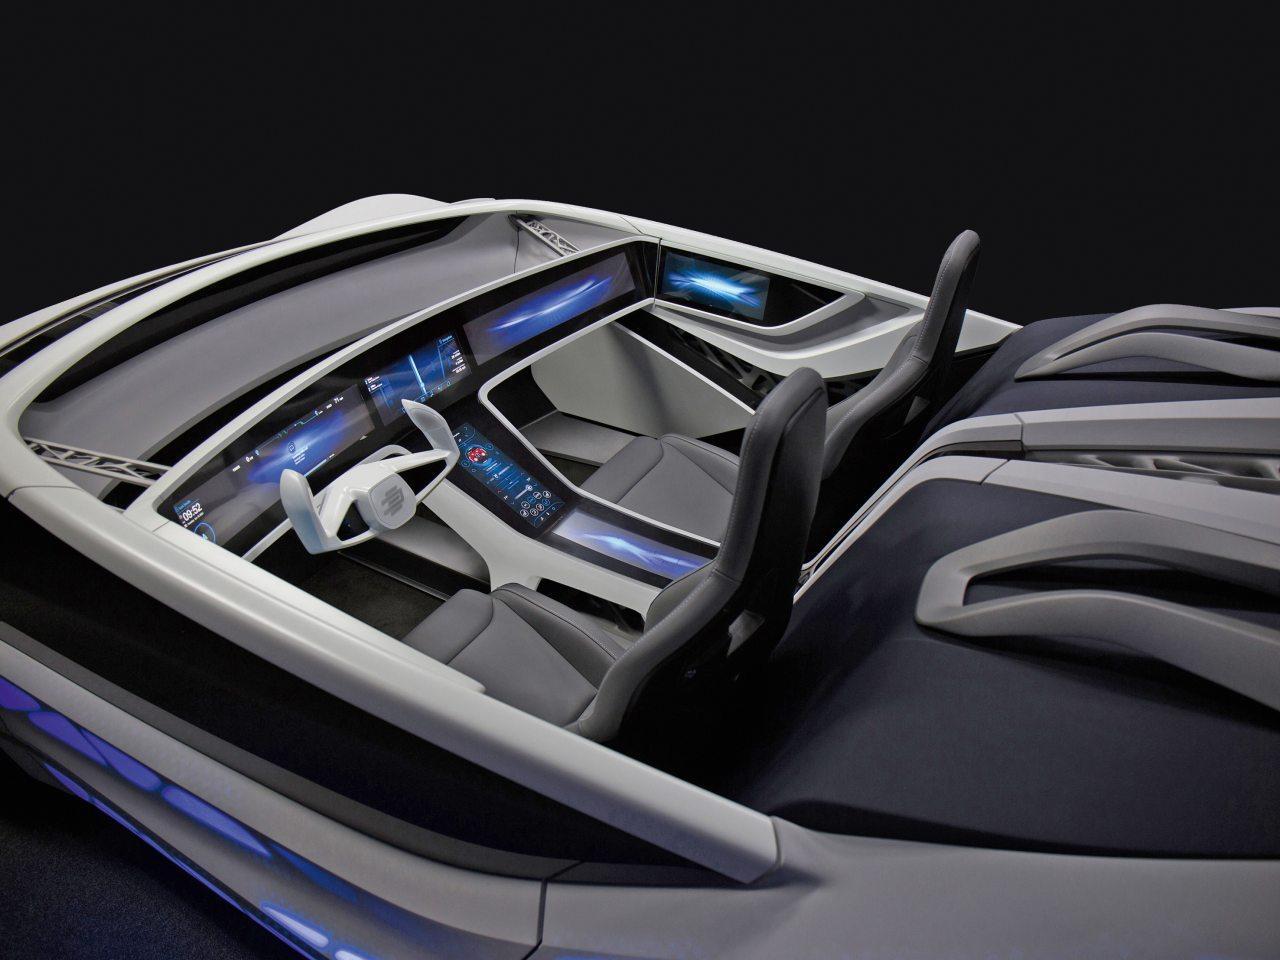 A Bosch autóba épített rendszerei természetesen az Intelligens otthon megoldásaival is együttműködnek. Így például, ha olyankor jön a futár, amikor úton vagyunk, akkor akár az autóból is intézhetjük a csomagátvételt